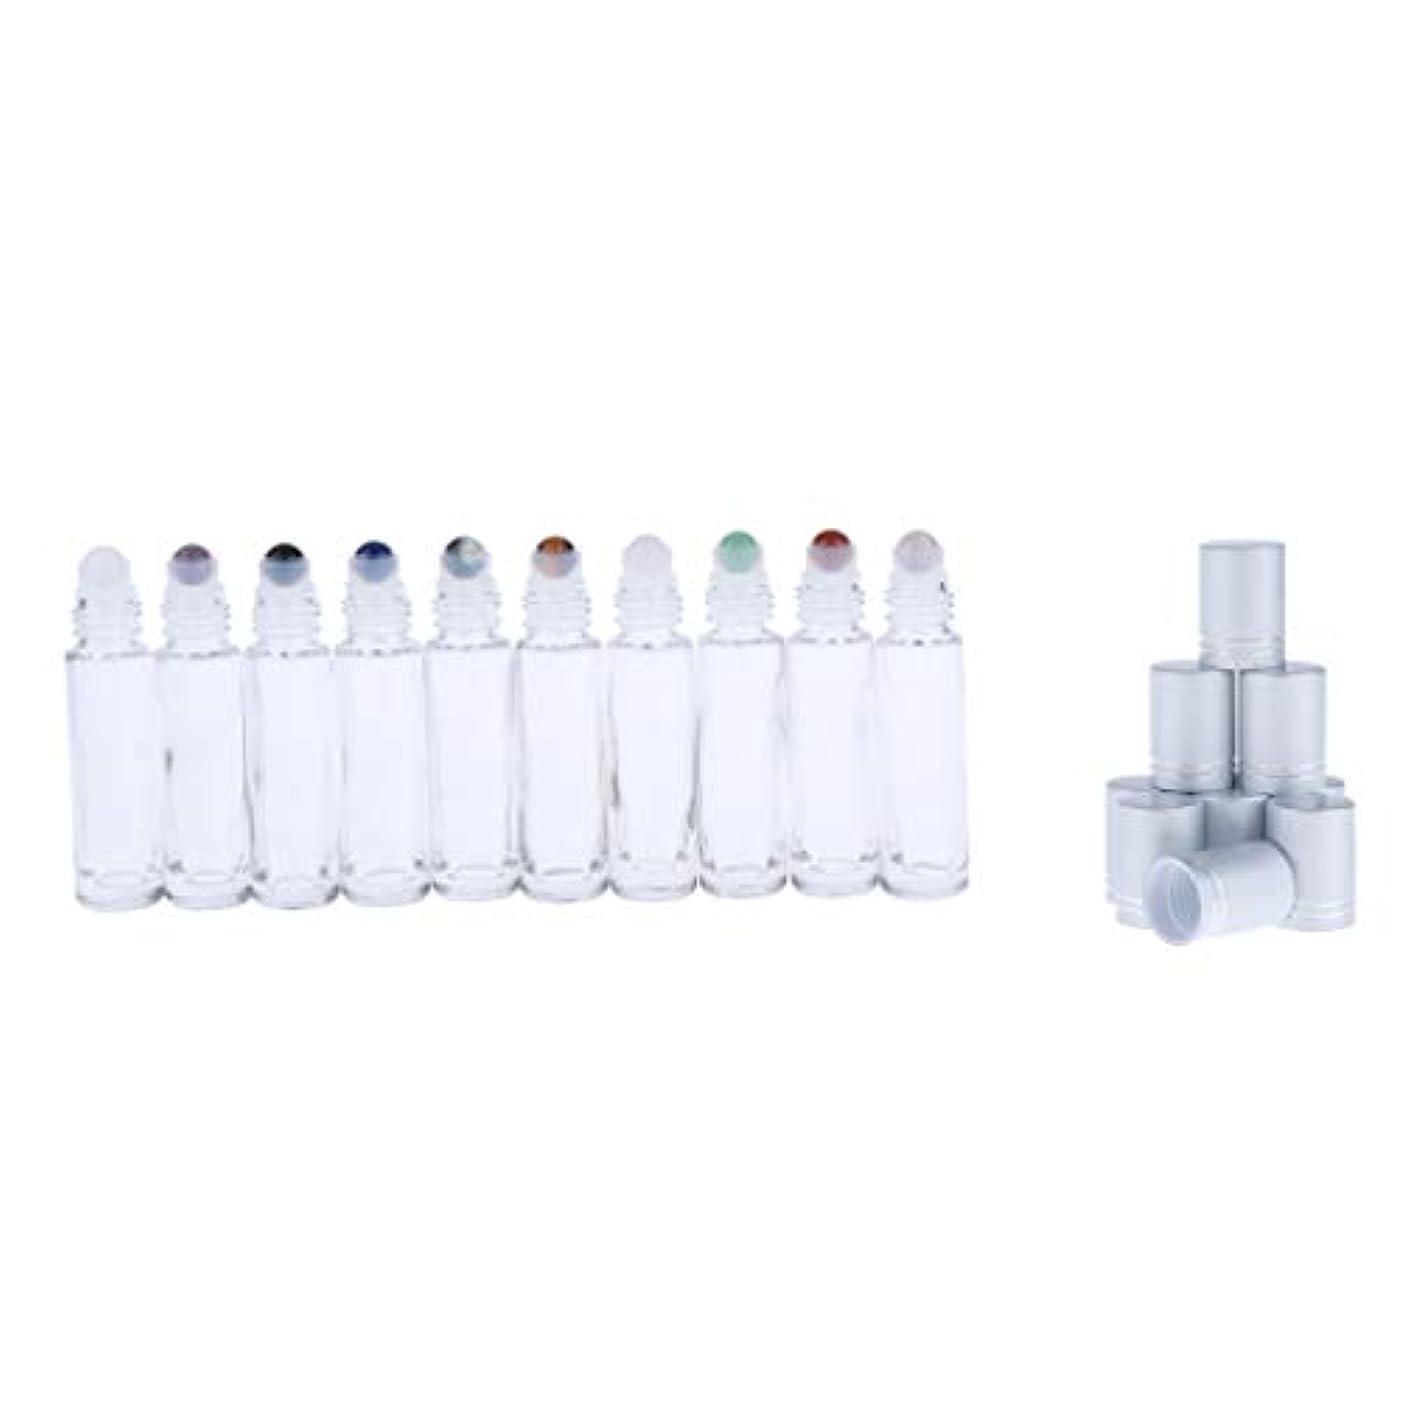 コマンド収益通信網10ml ロールオンボトル ガラス容器 透明 香水 アロマ 精油 小分け用 見分け携帯便利 10個入